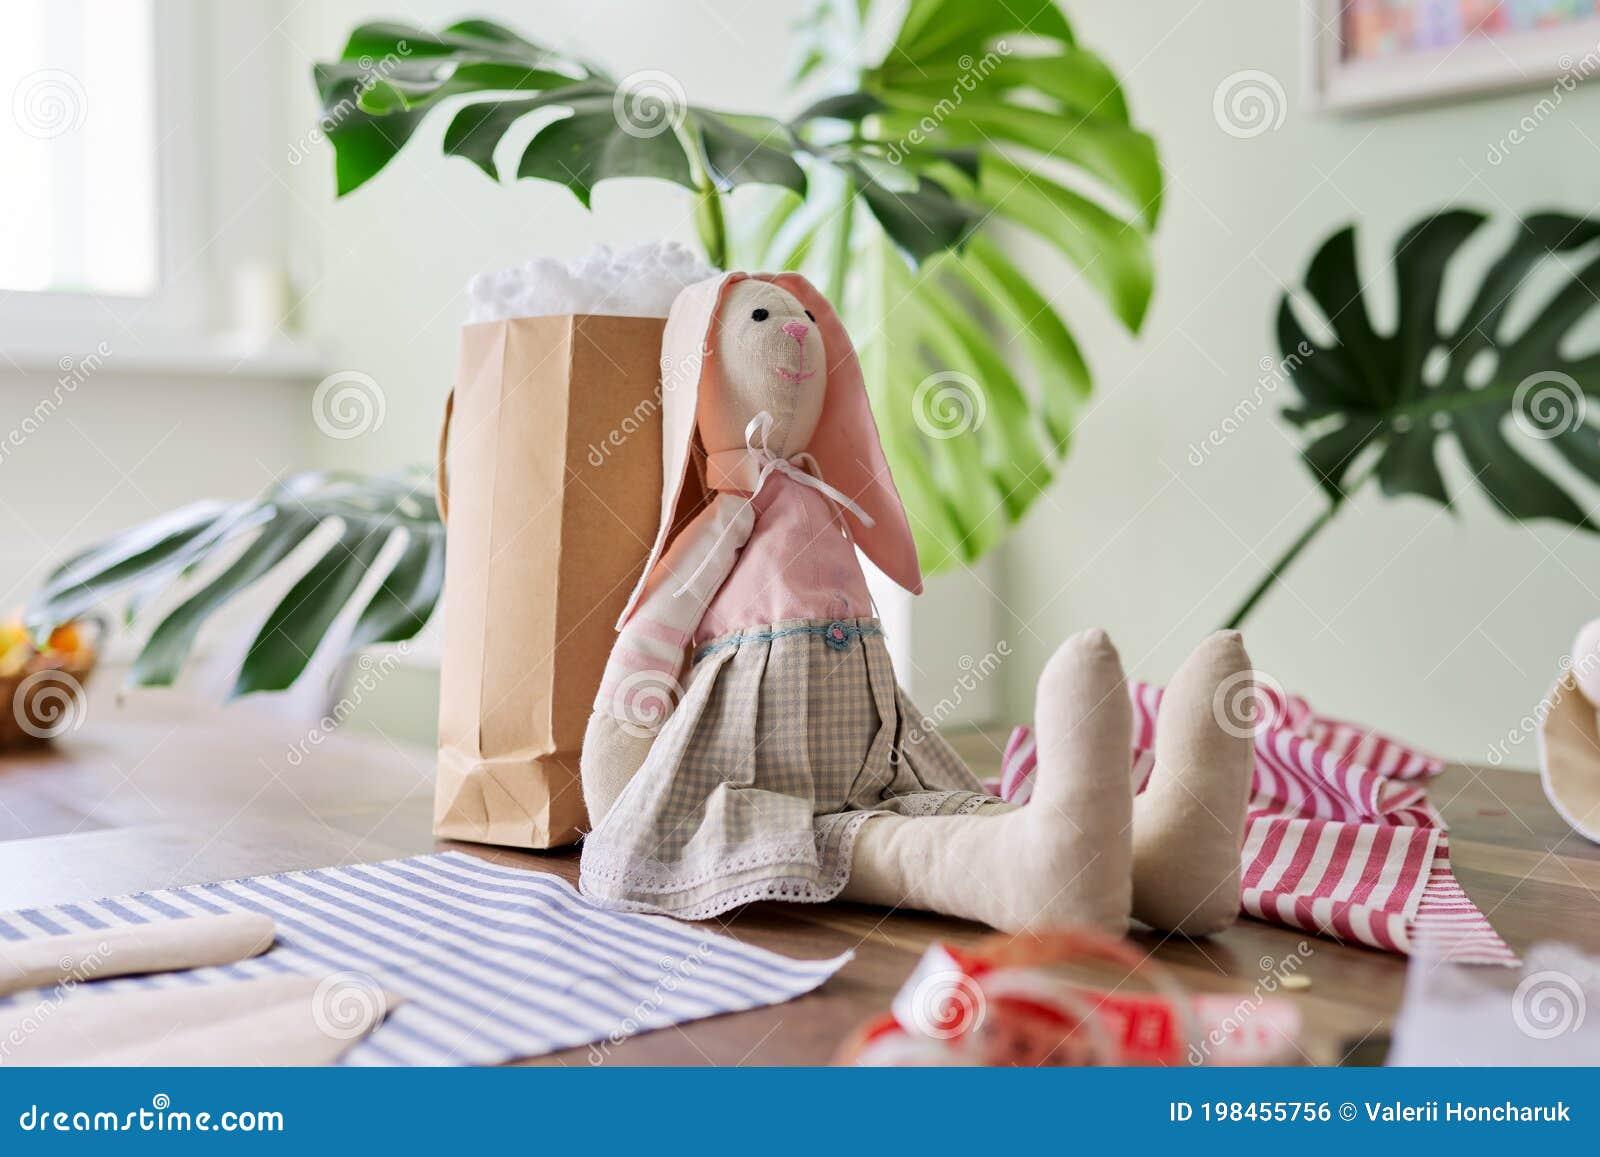 Игрушки девушка за работа игрушки наталья морозова визажист